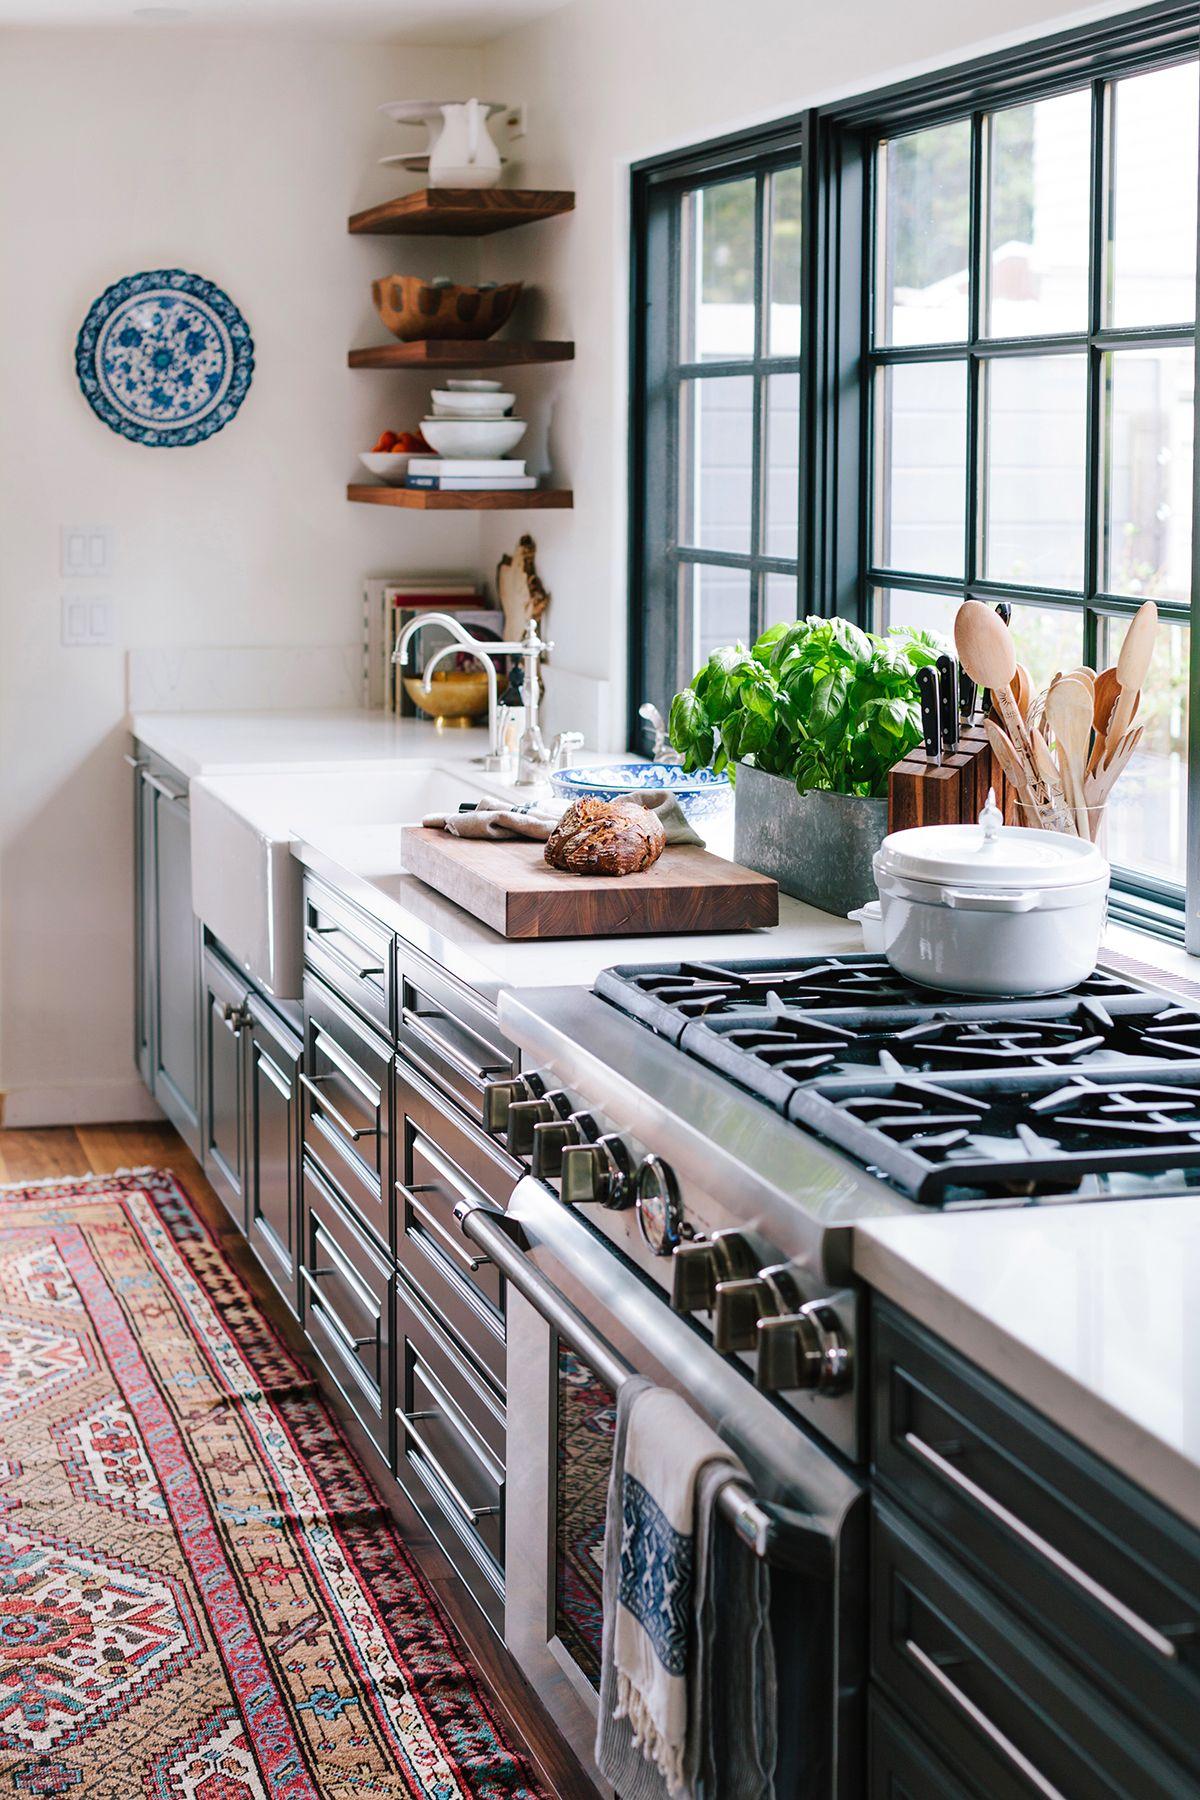 Finding The Right Antique Rug Arredamento Cucine E Interni